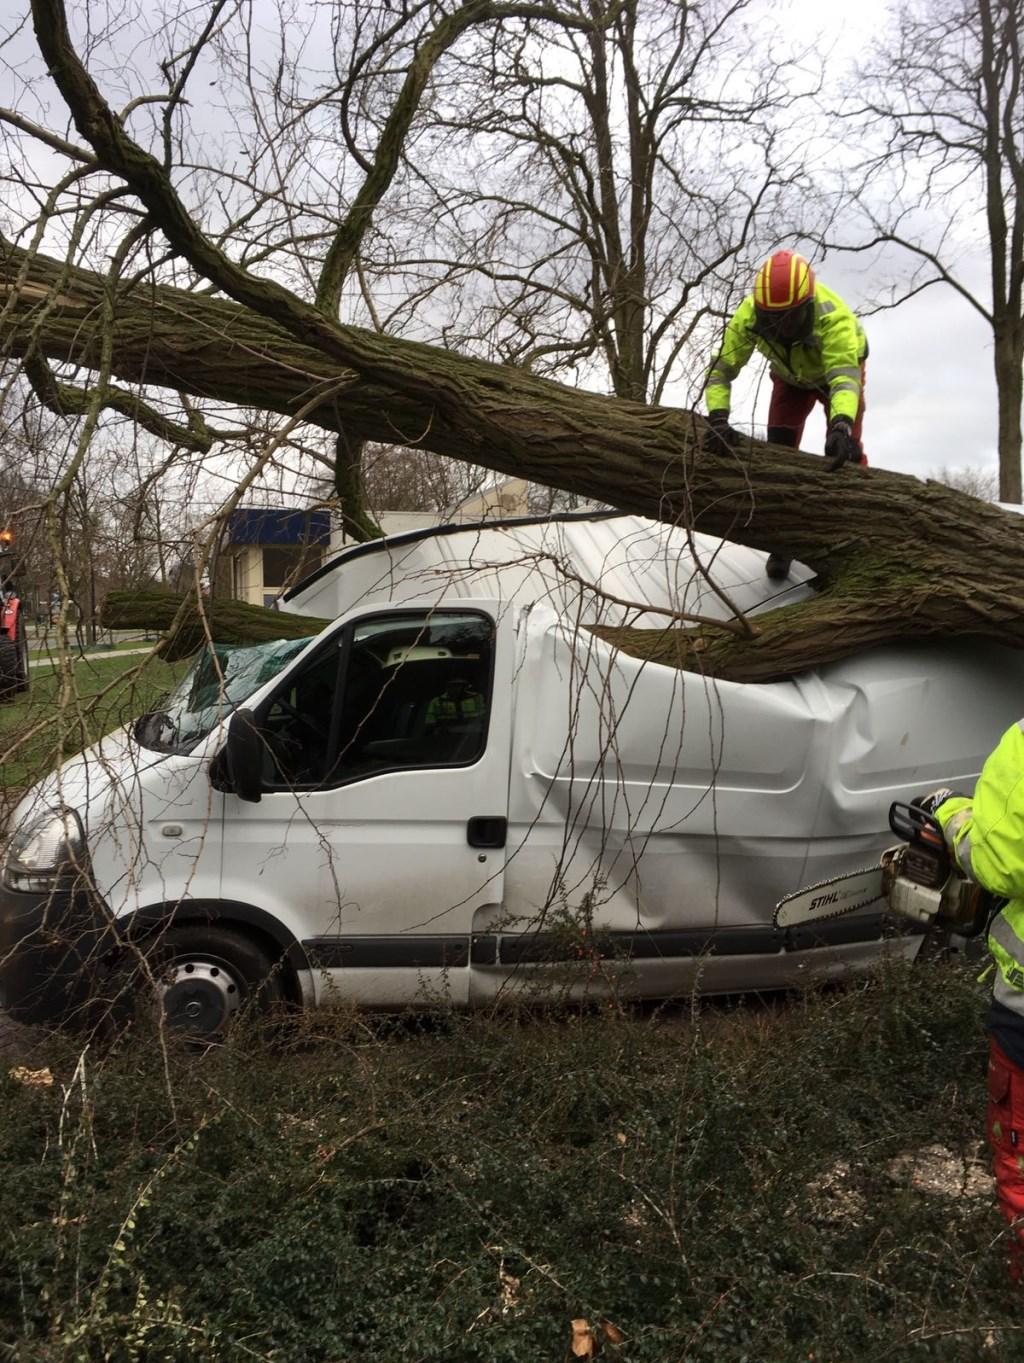 Op de Kornetstraat in Uden werd een auto door een boom getroffen Foto: Gerard van de Pas © MooiUden